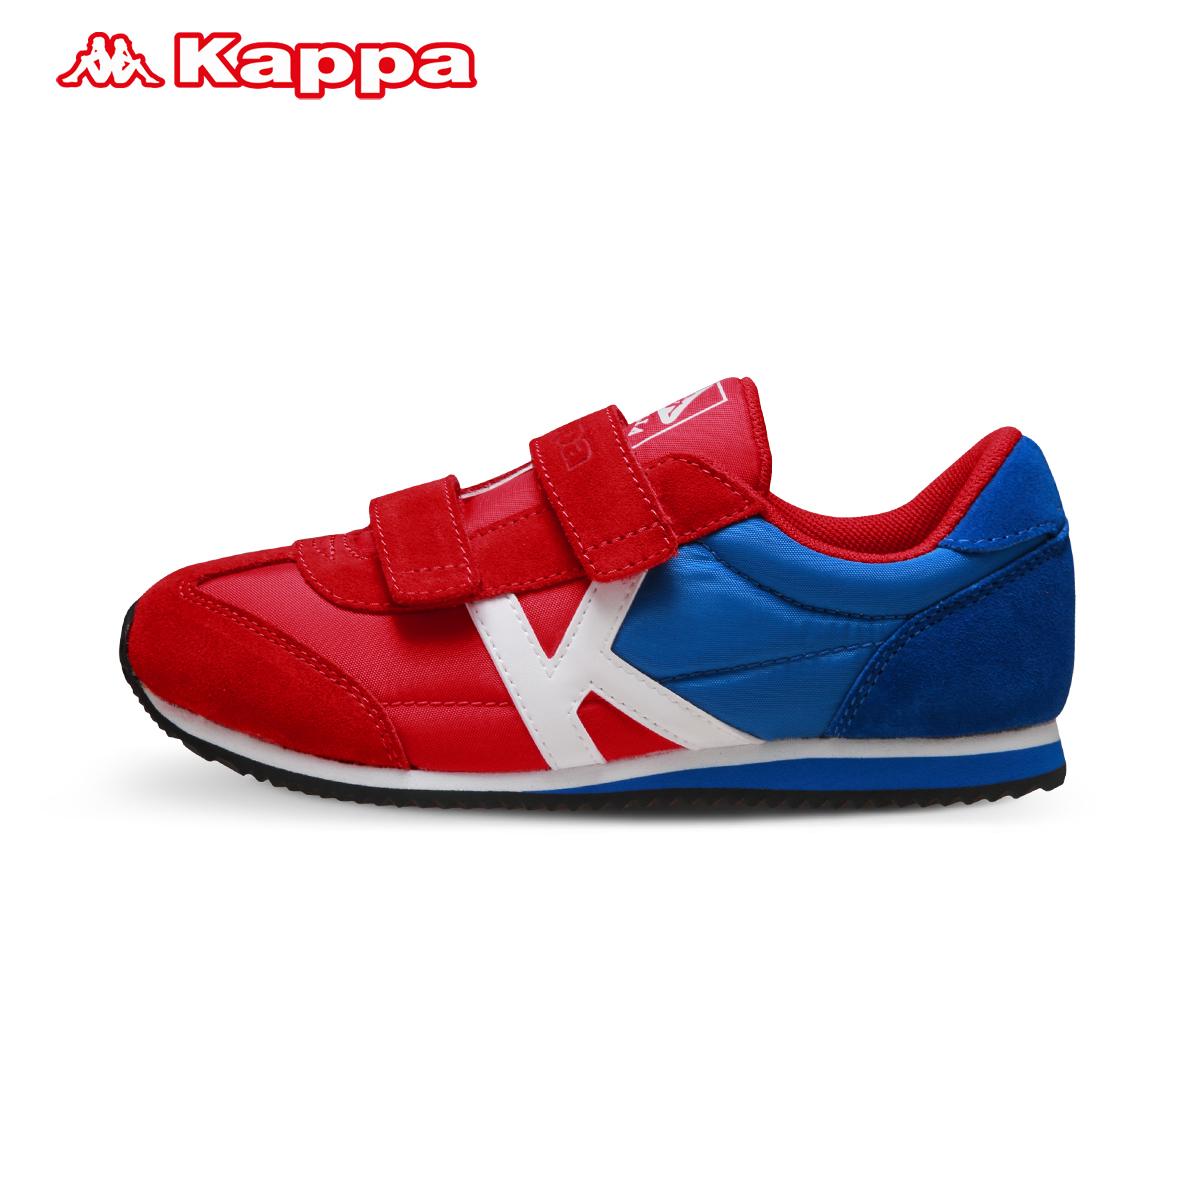 ^~年^~Kappakids童鞋男女兒童魔術貼 鞋複古跑鞋潮鞋K05Y5MM21